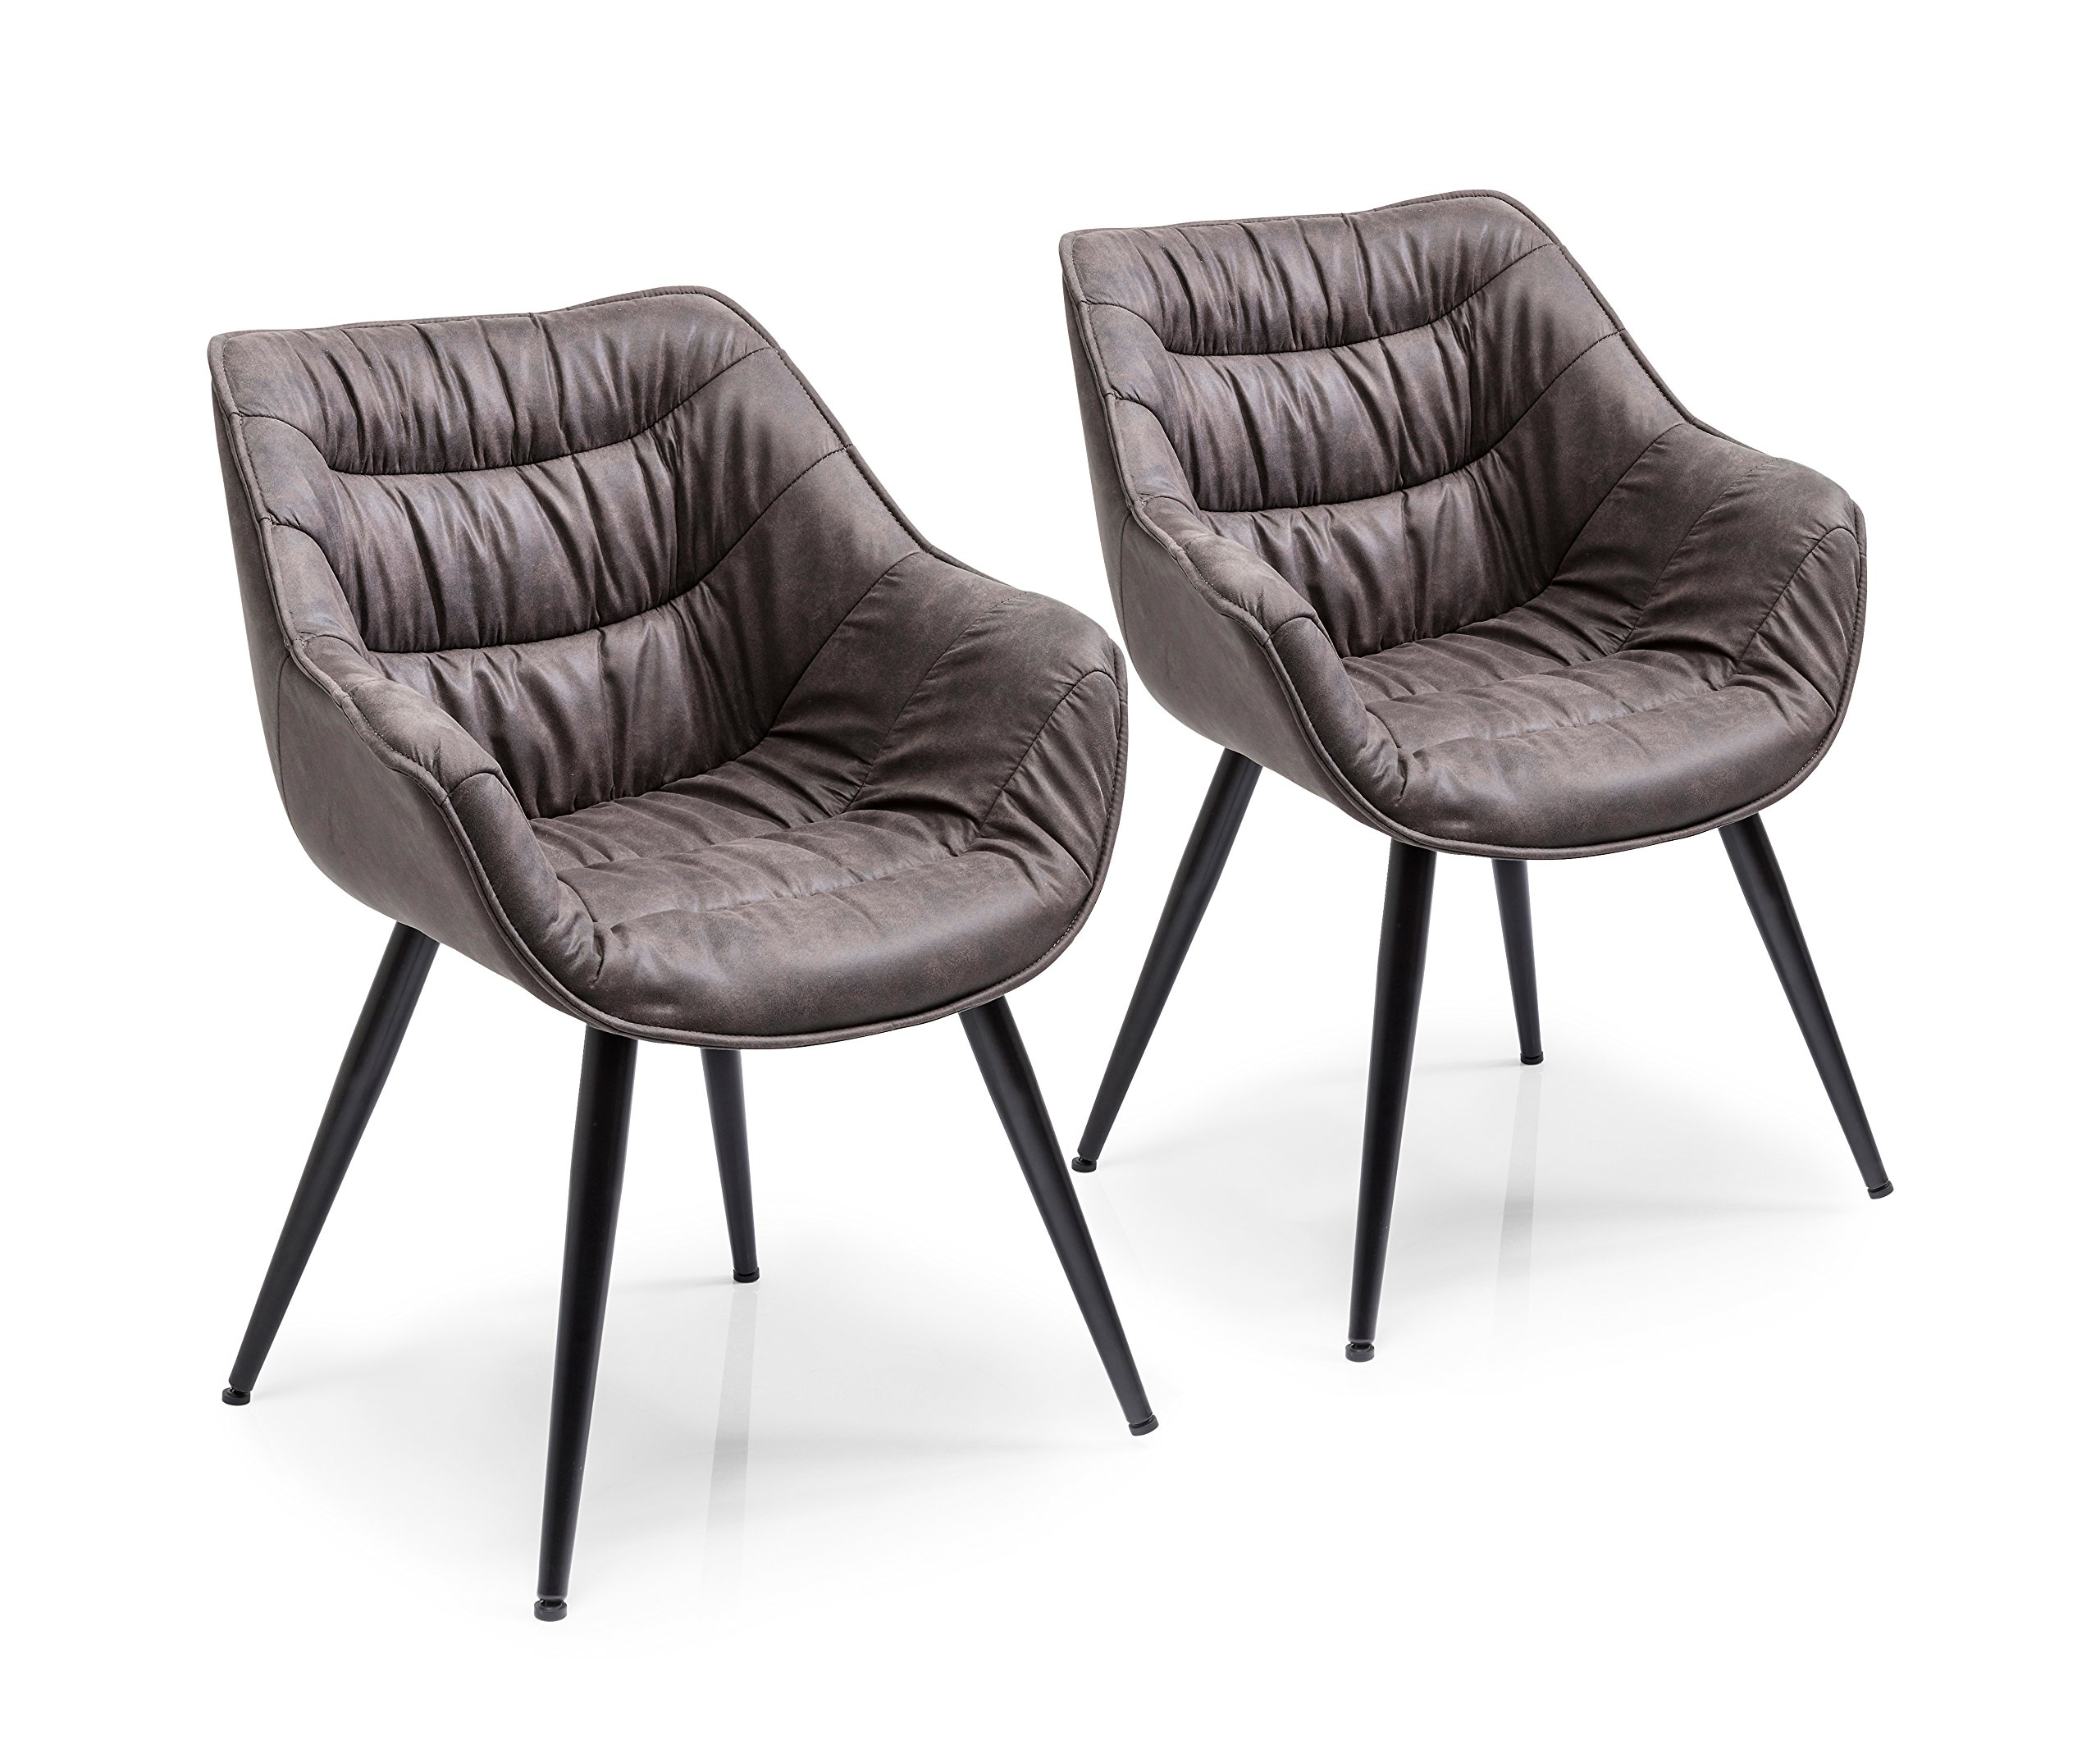 Kare Design Armlehnstuhl Thelma 2er Set, bequemer, gepolsterter Esszimmerstuhl mit Armlehnen im Retro Design, Grau Schwarz (HBT) 82x65x60cm